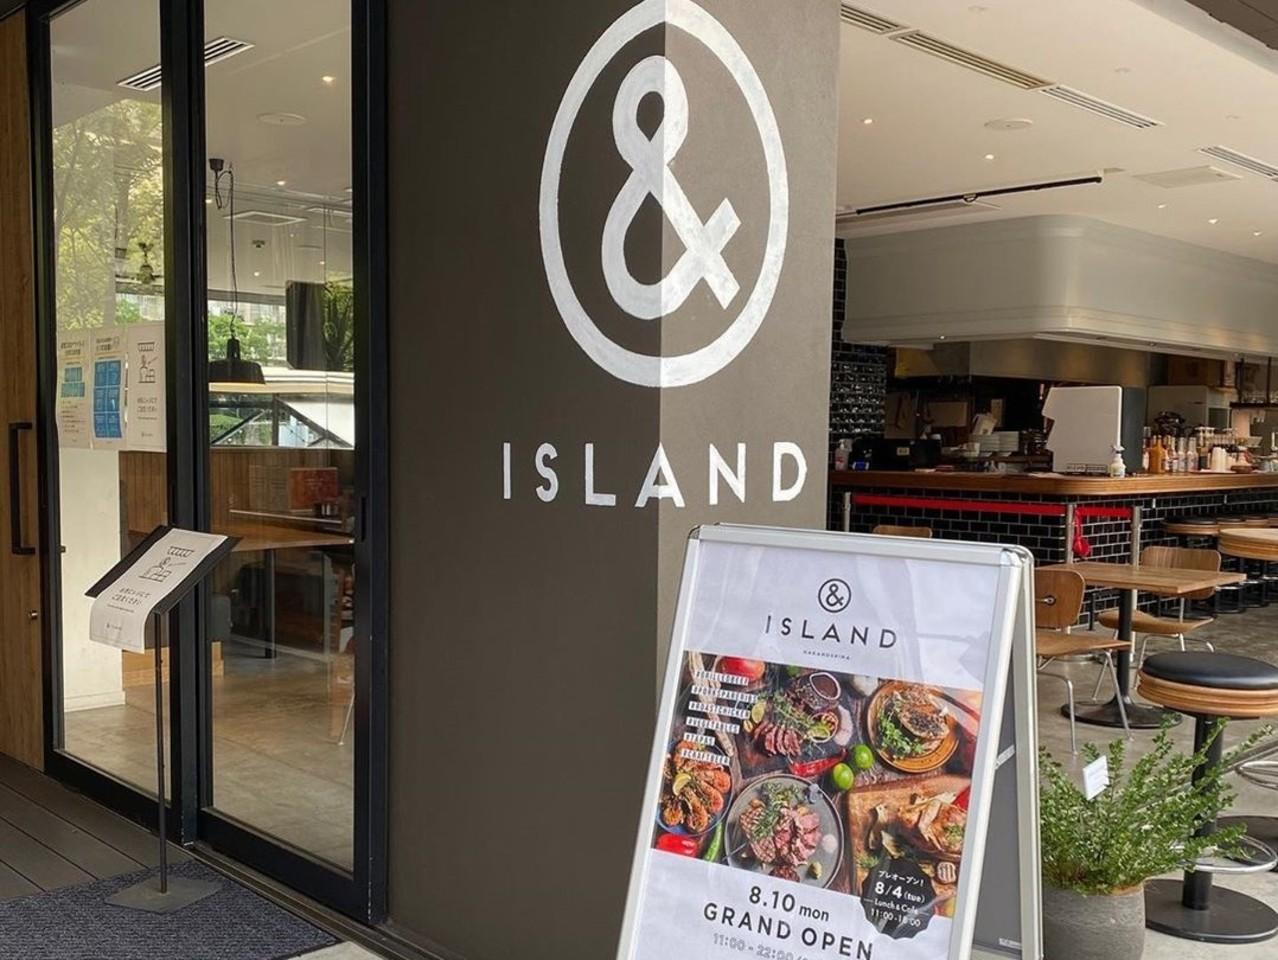 北浜&islandの2号店...大阪市北区の中之島バンクスに「&アイランド中之島」8/10オープン